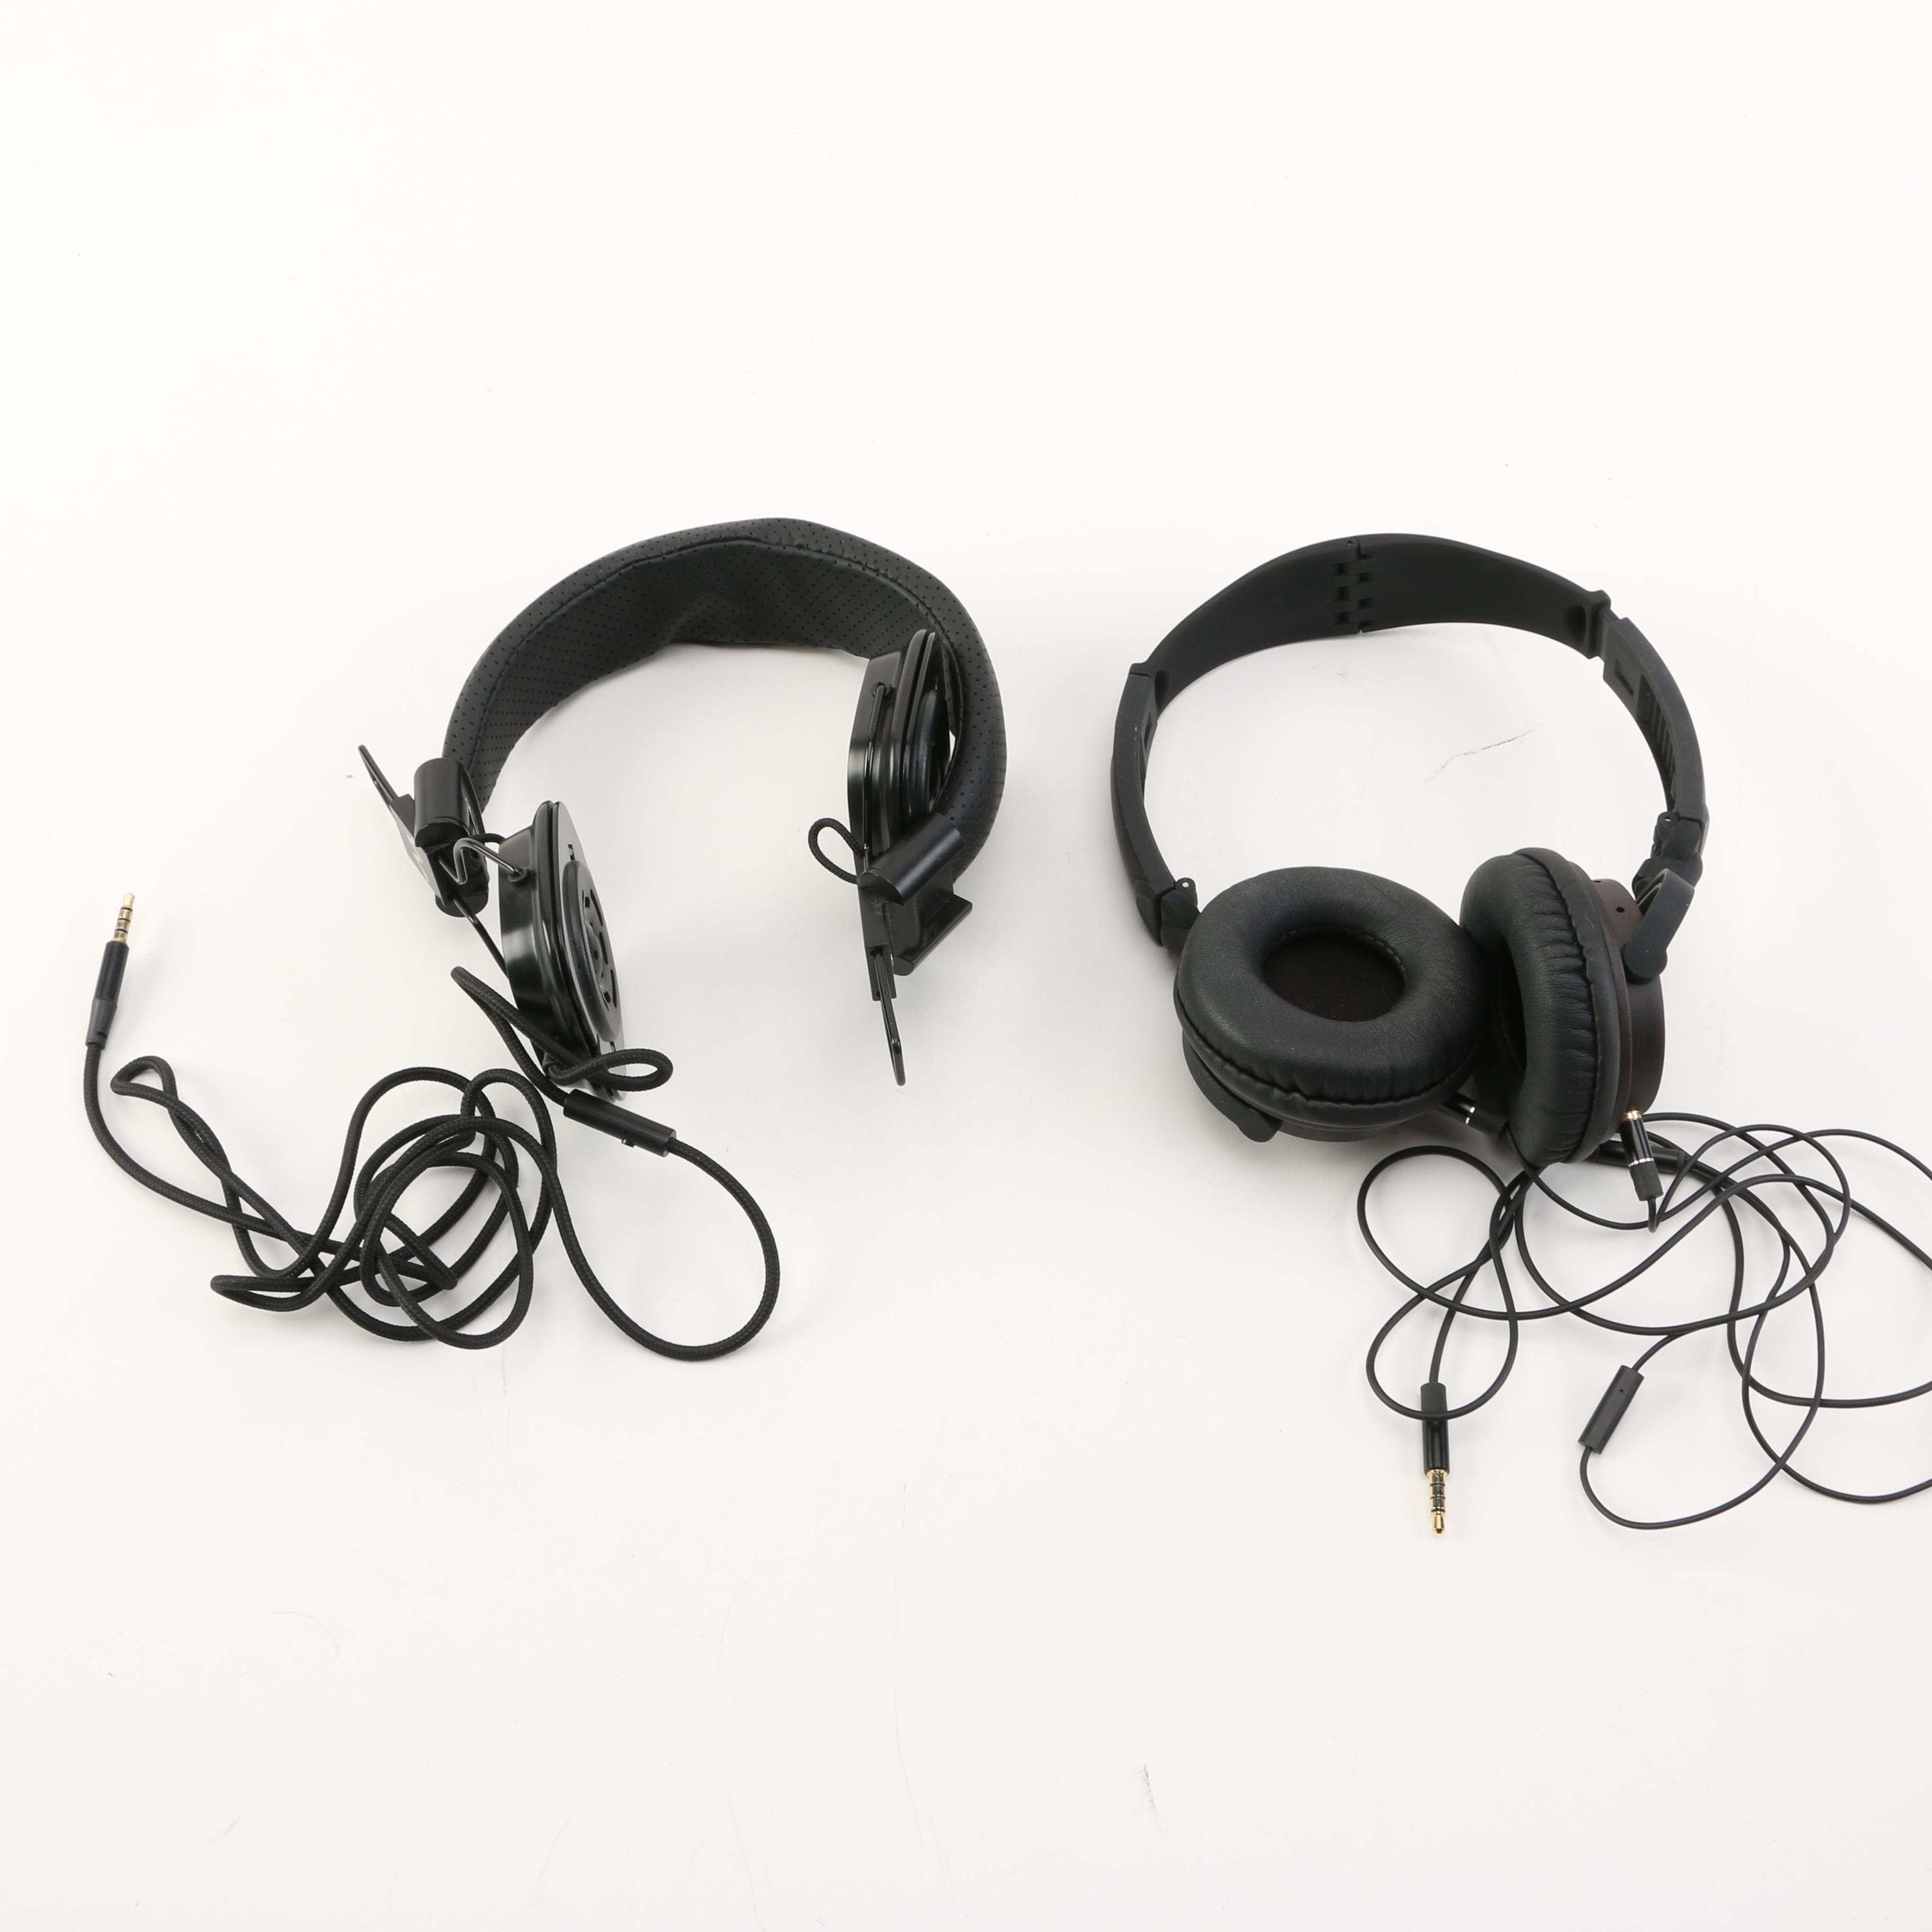 Pair of Vintage Headphones